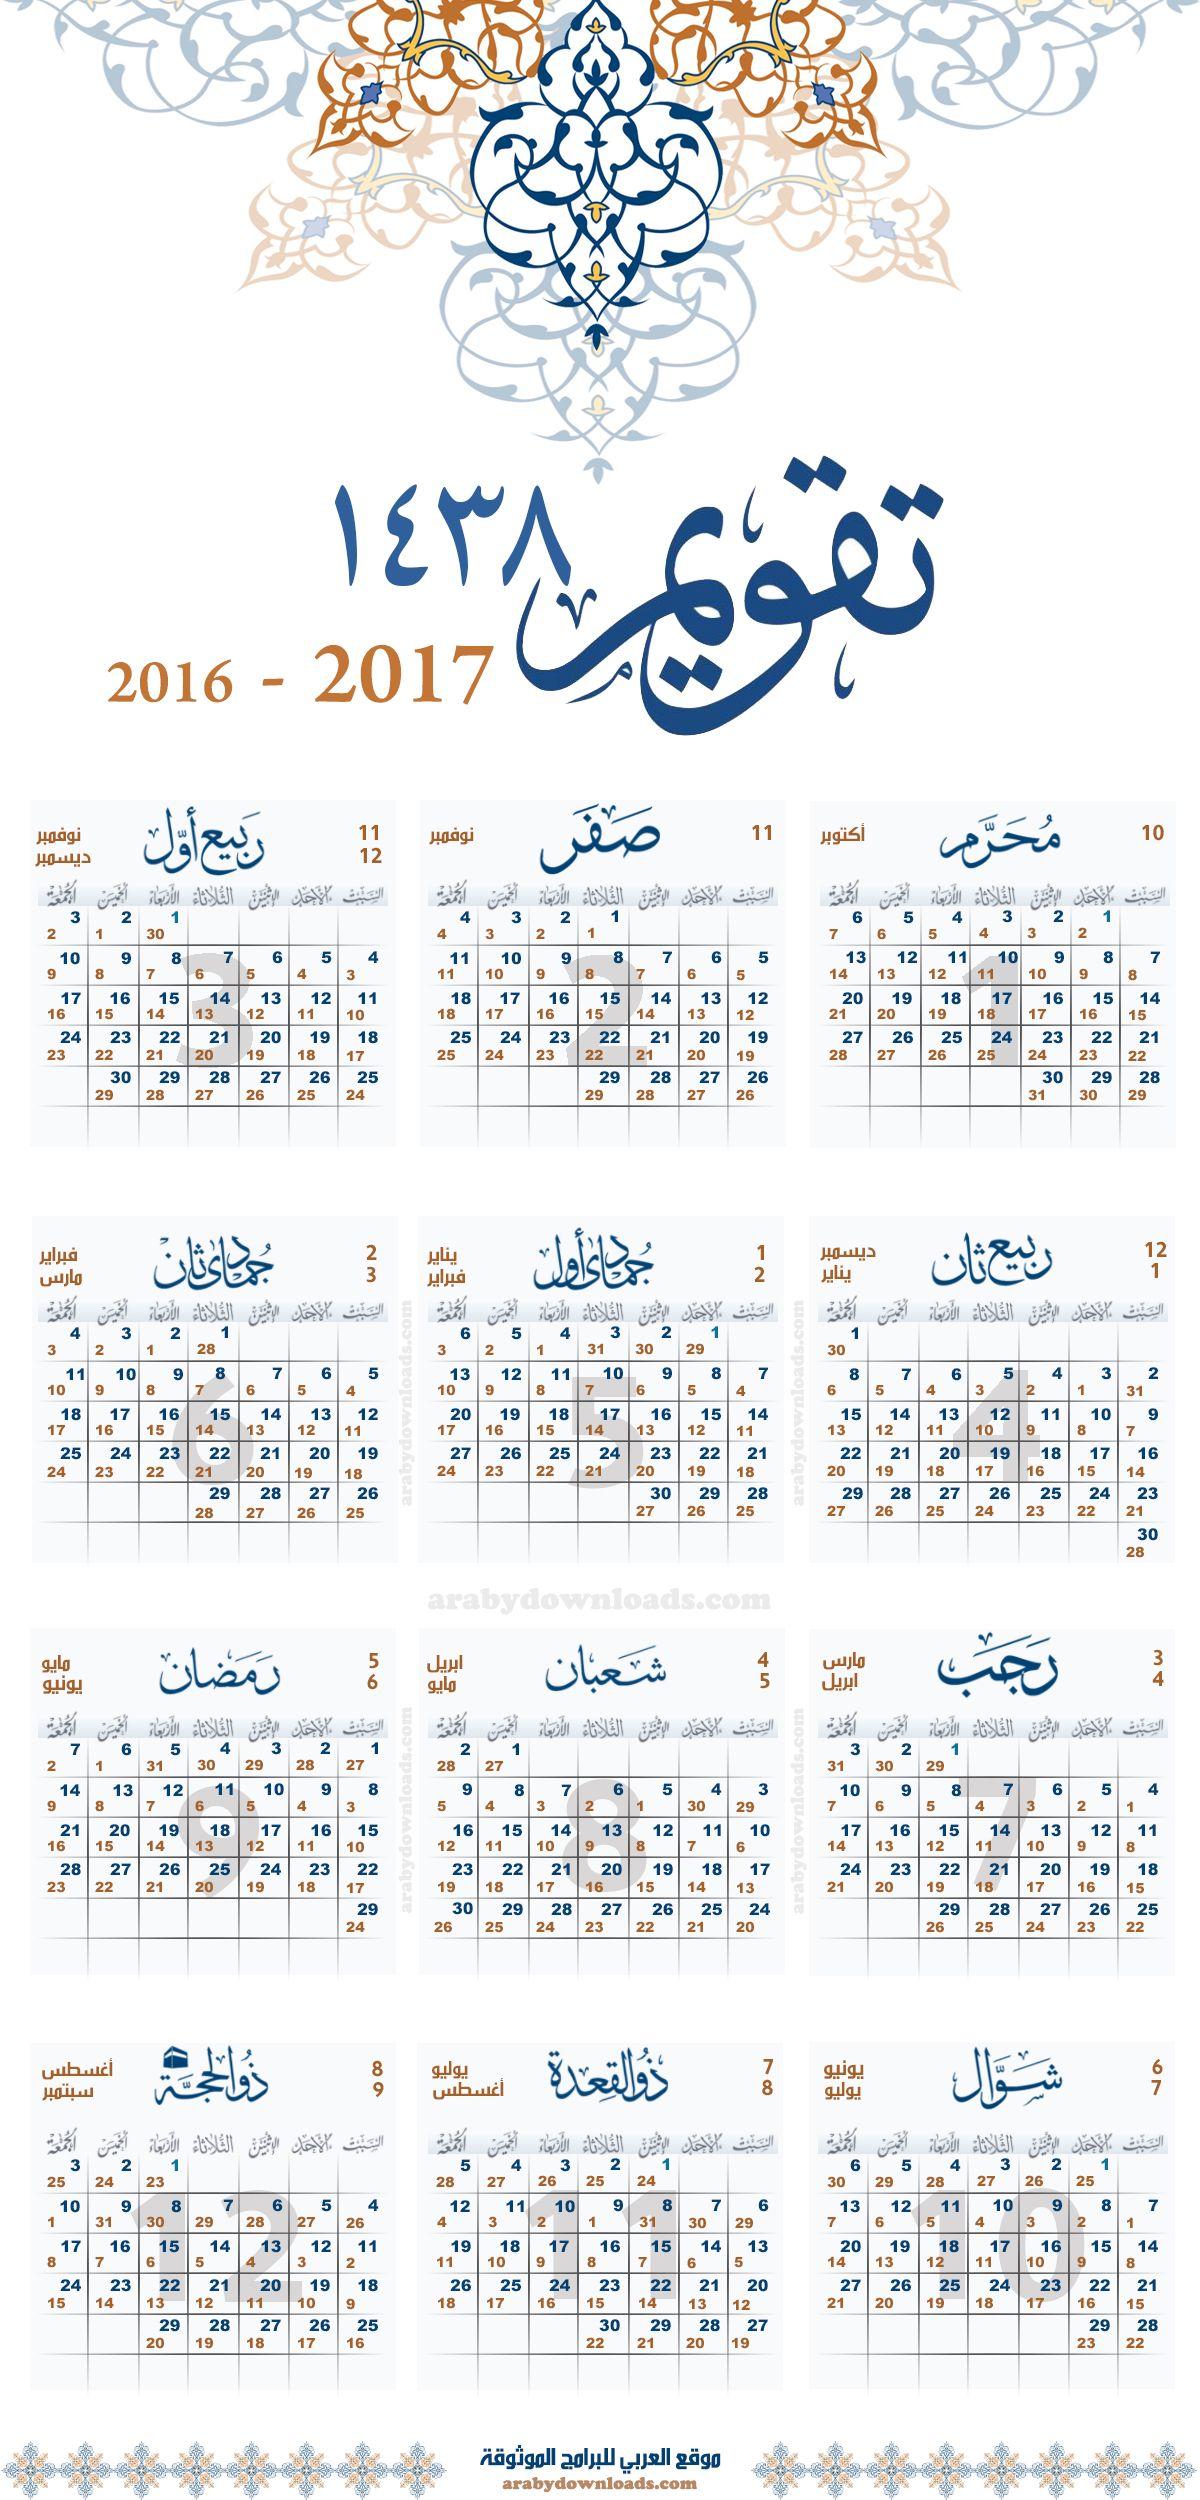 التقويم الهجري 1439 والميلادي 2018 للكمبيوتر والجوال ومواعيد الإجازات الرسمية في السعودية Calendar 2018 Calendar Free Calendar